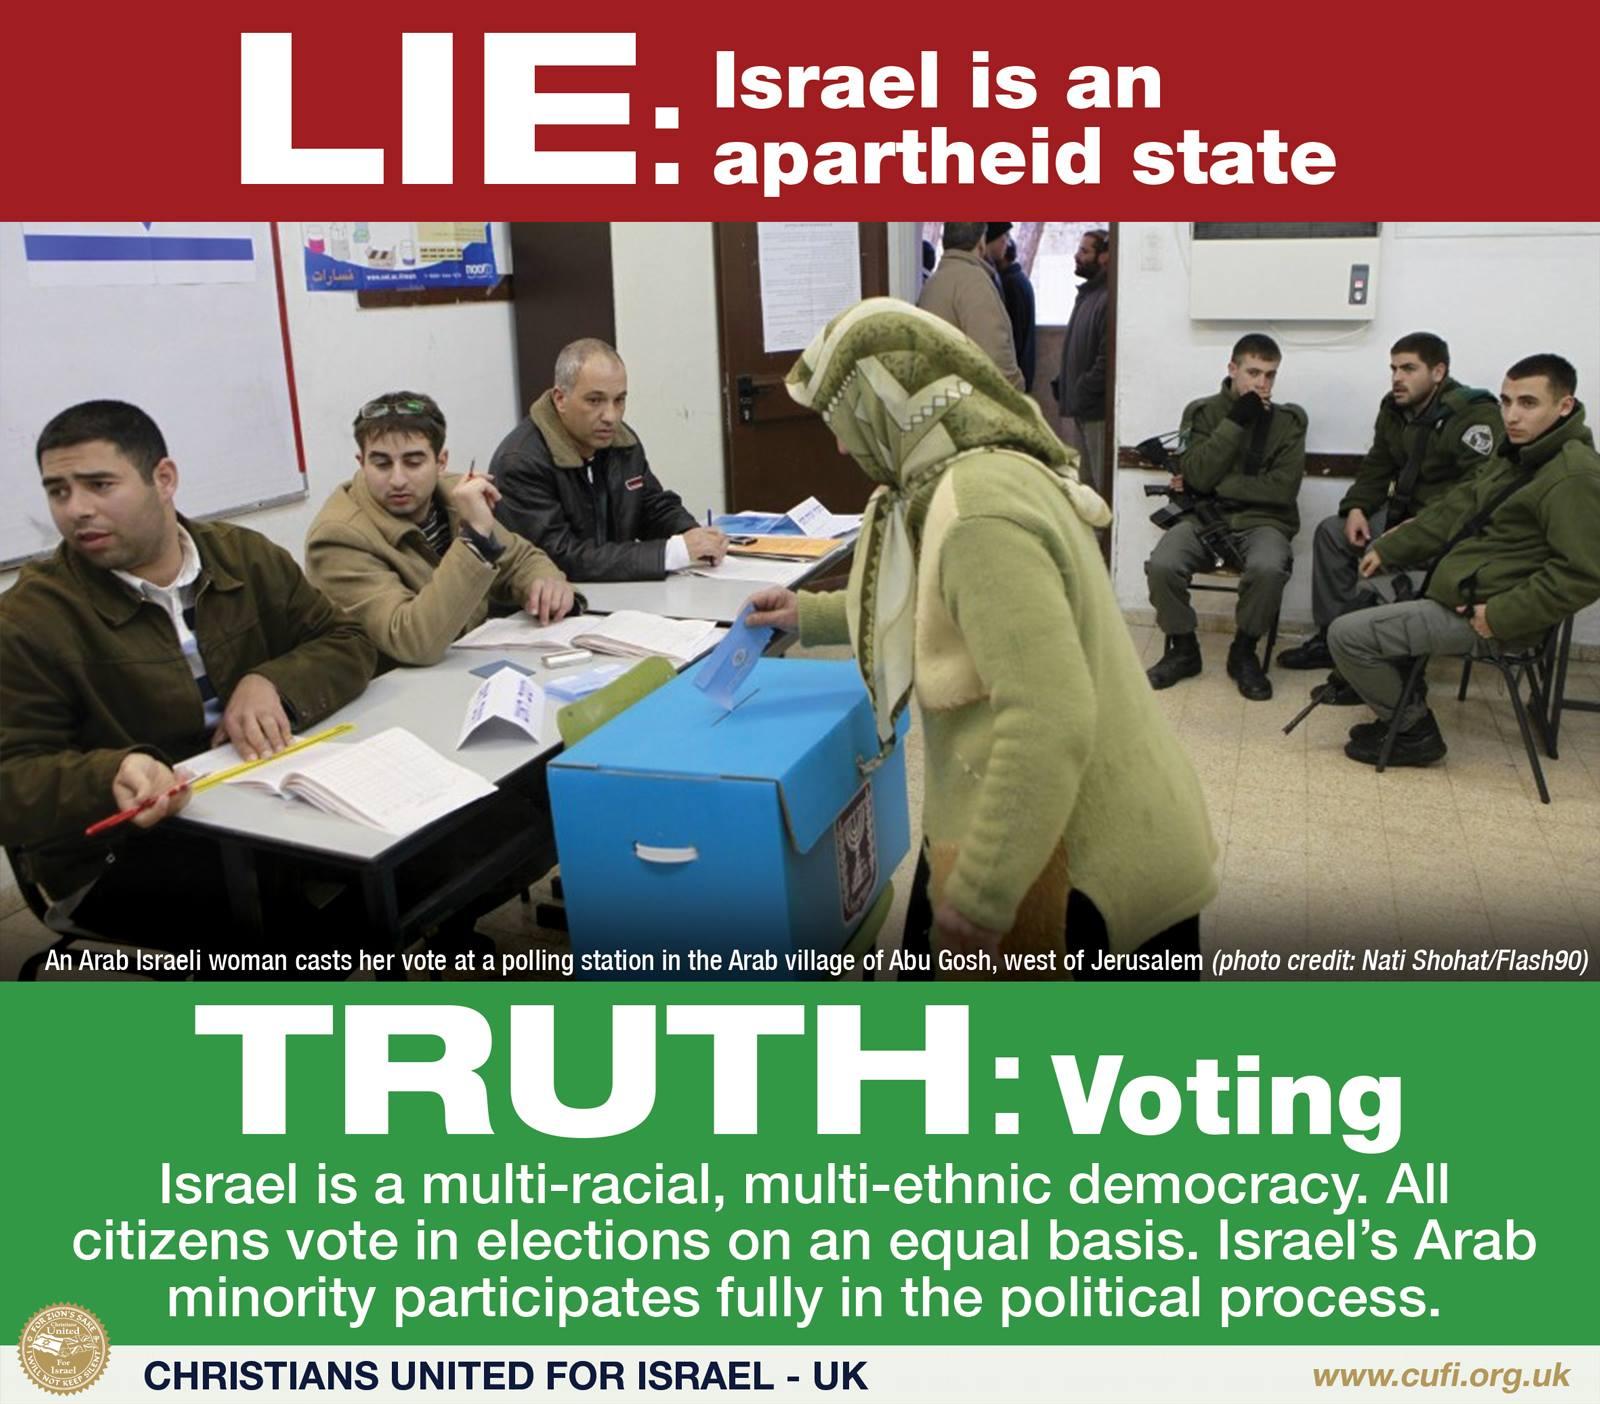 Israel is not apartheid 1